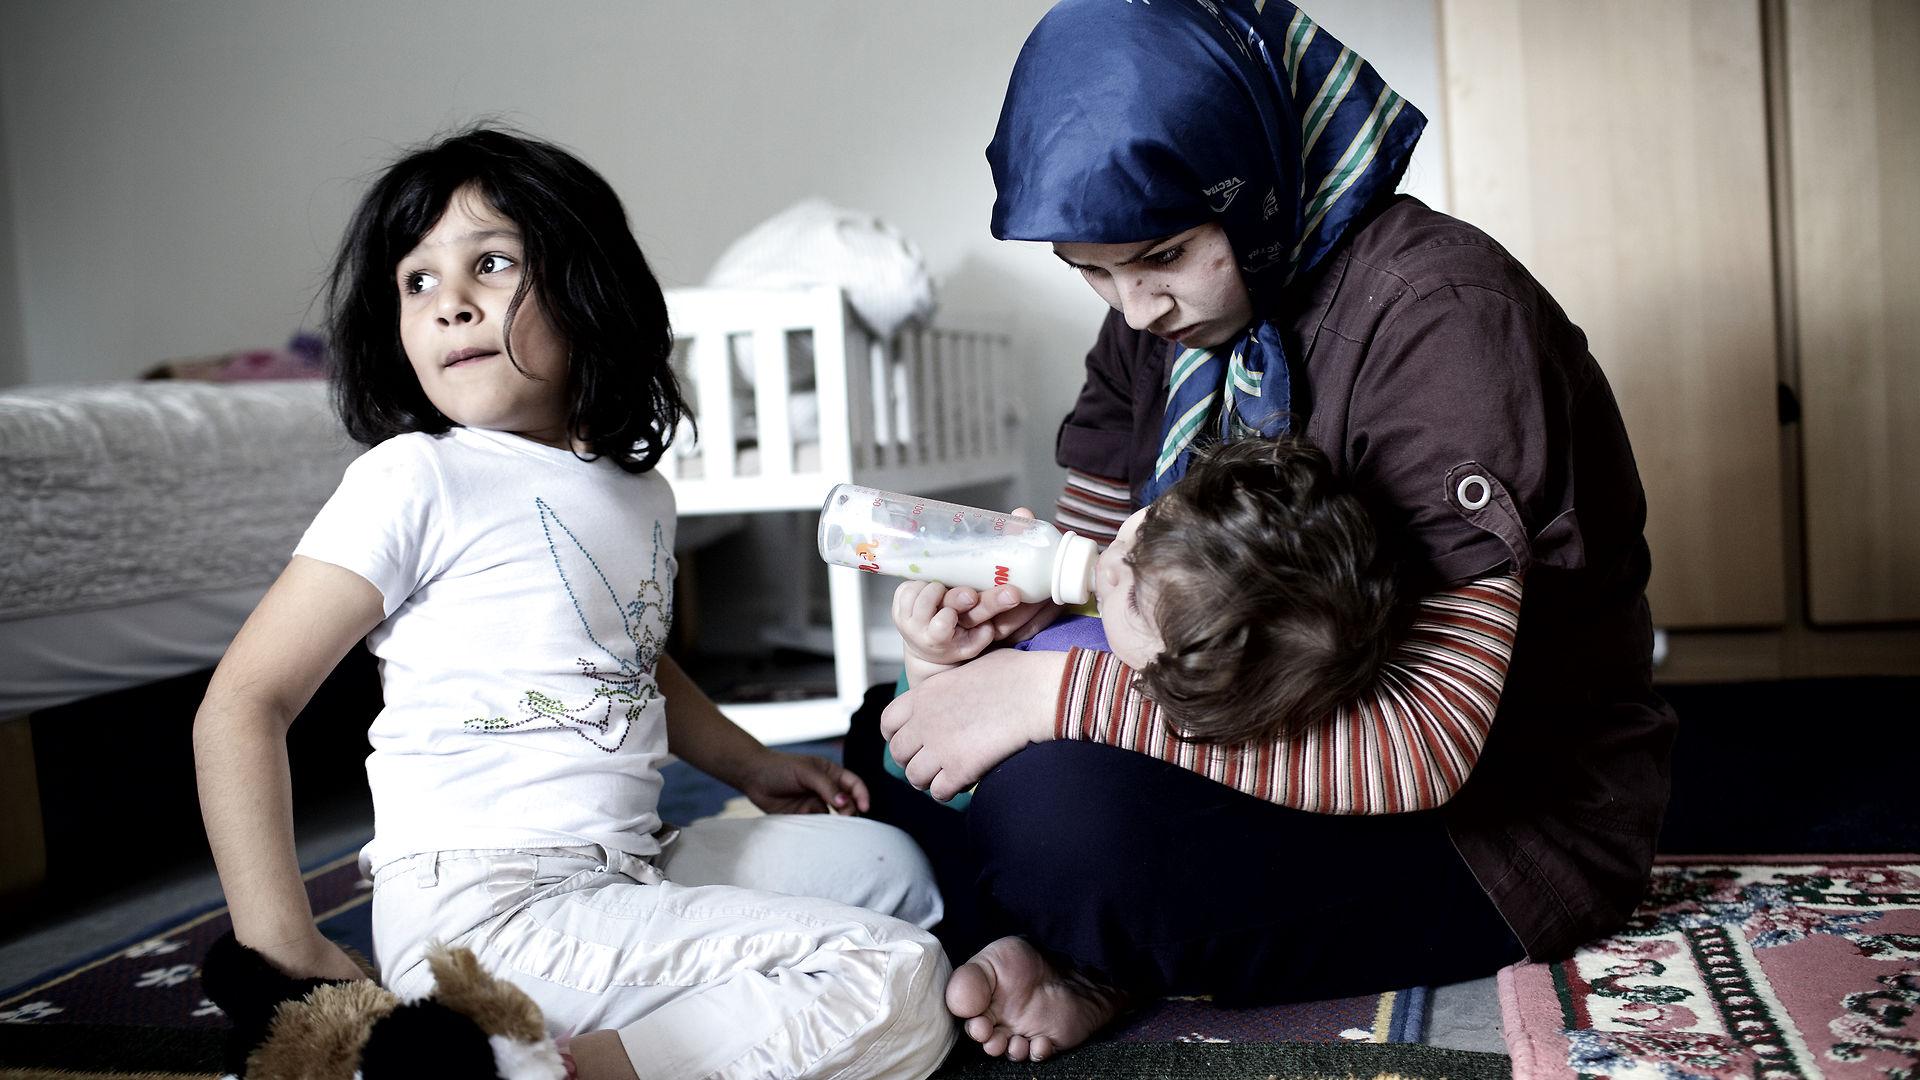 Professor Morten Sodemann: Udlændingestramningerne skaber tragedier for øjnene af os og tvinger flygtninge ud i armod